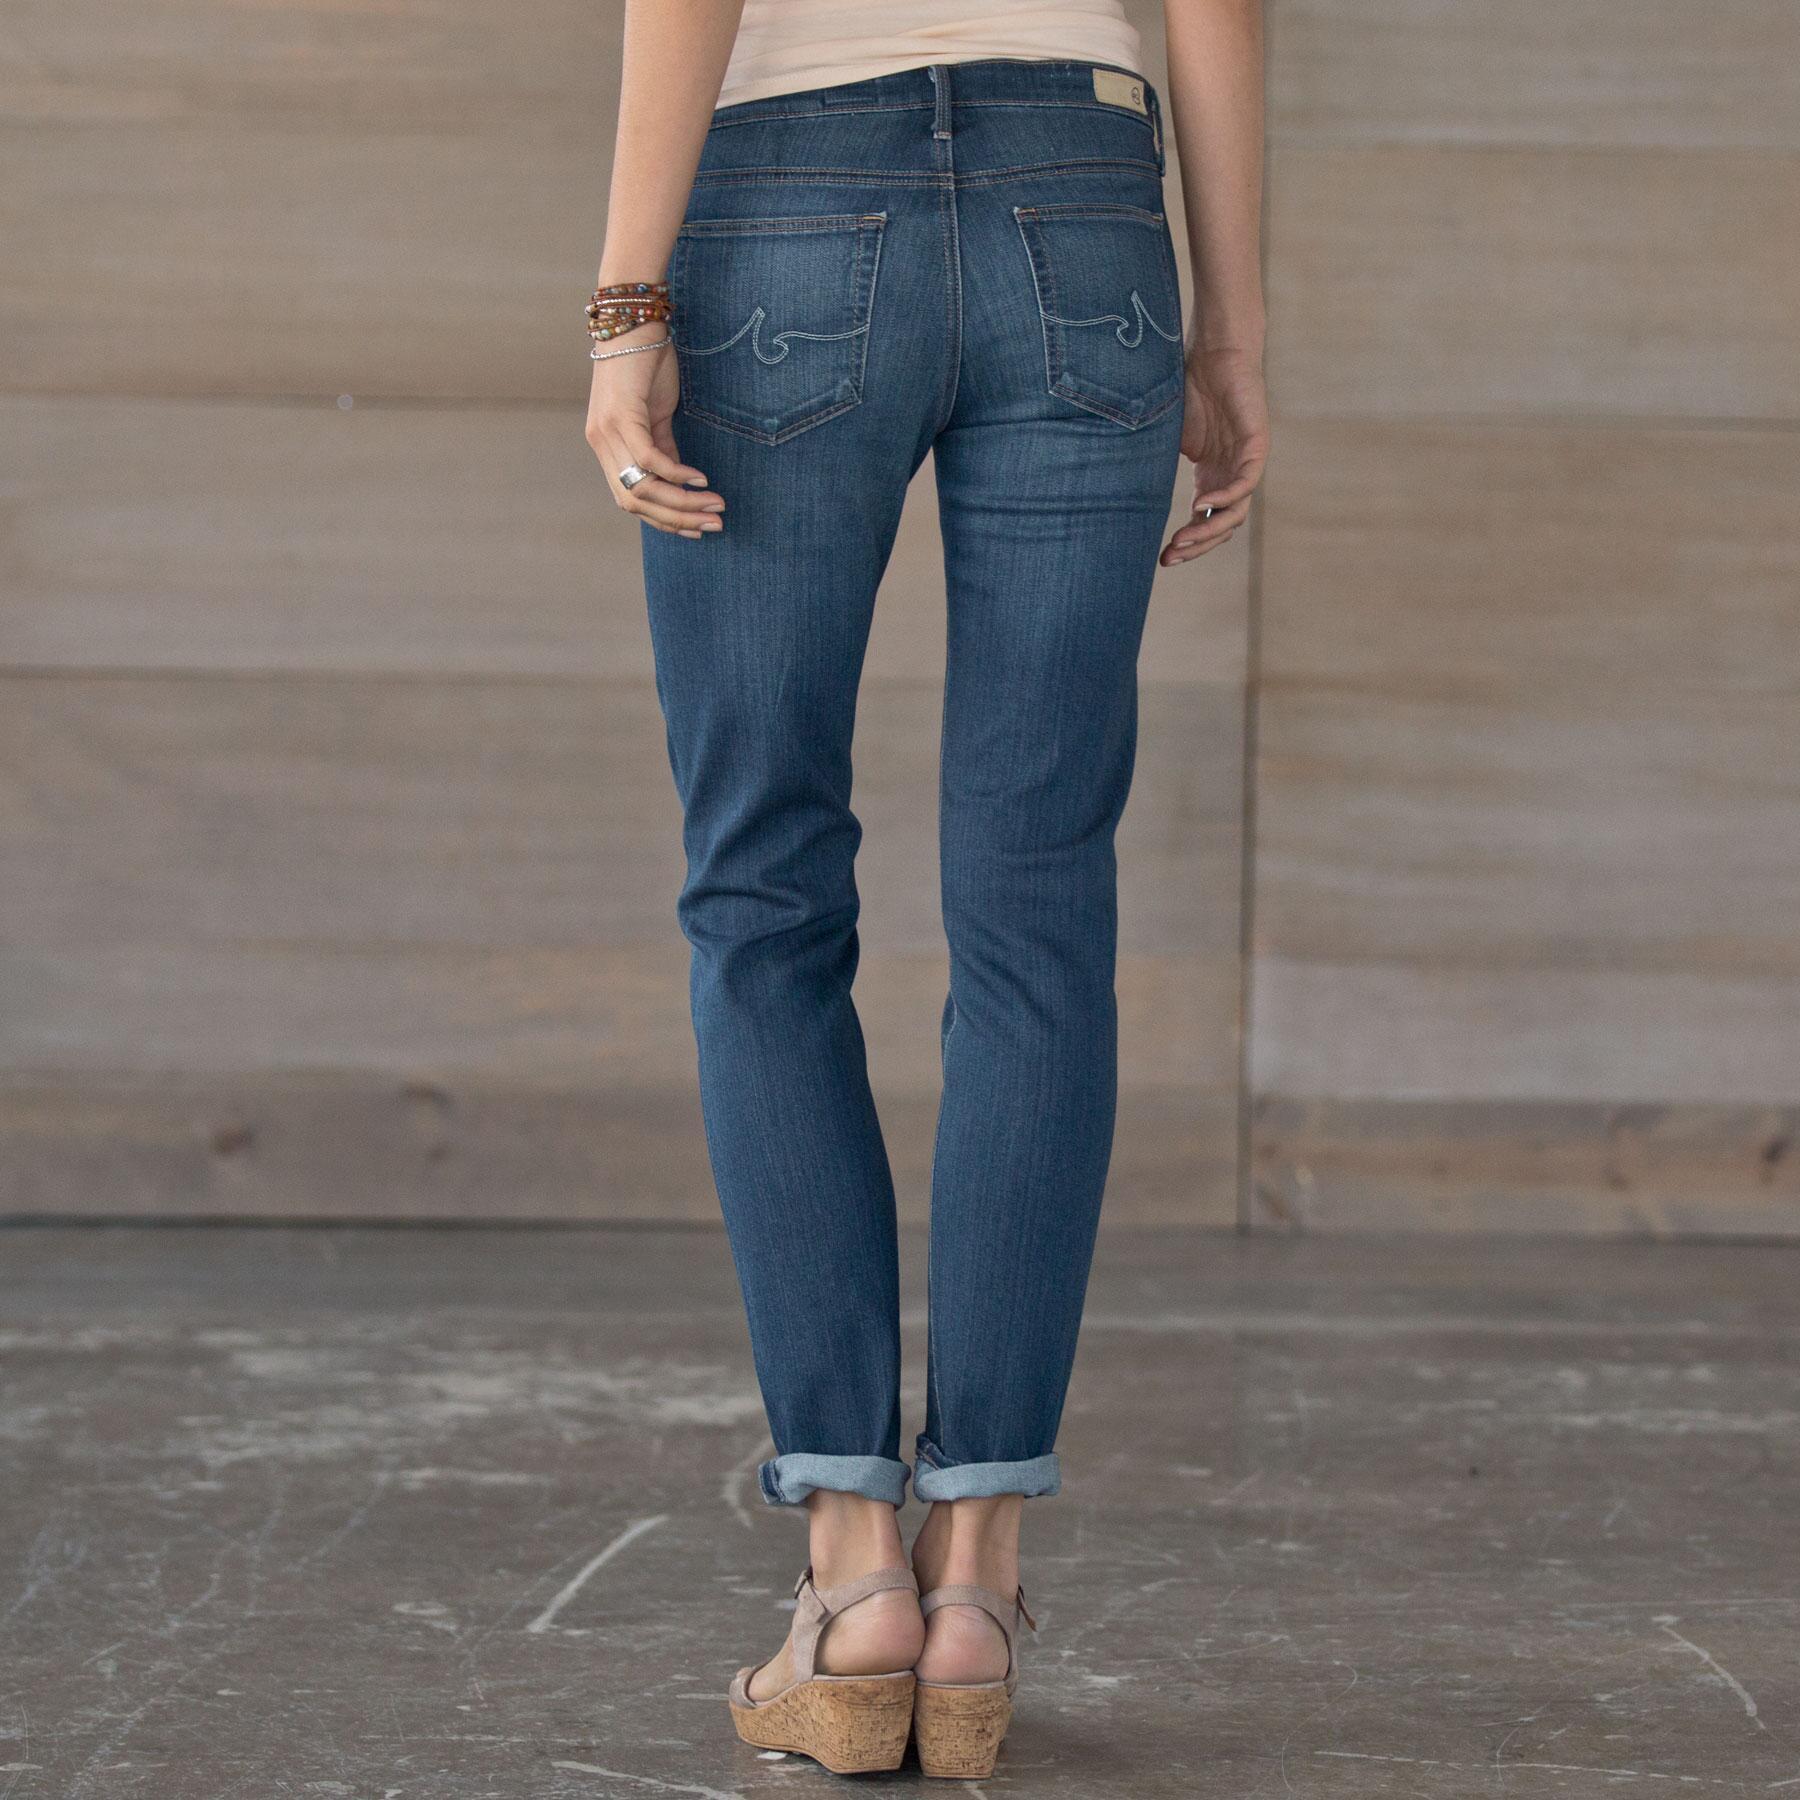 Prima Jeans: View 2